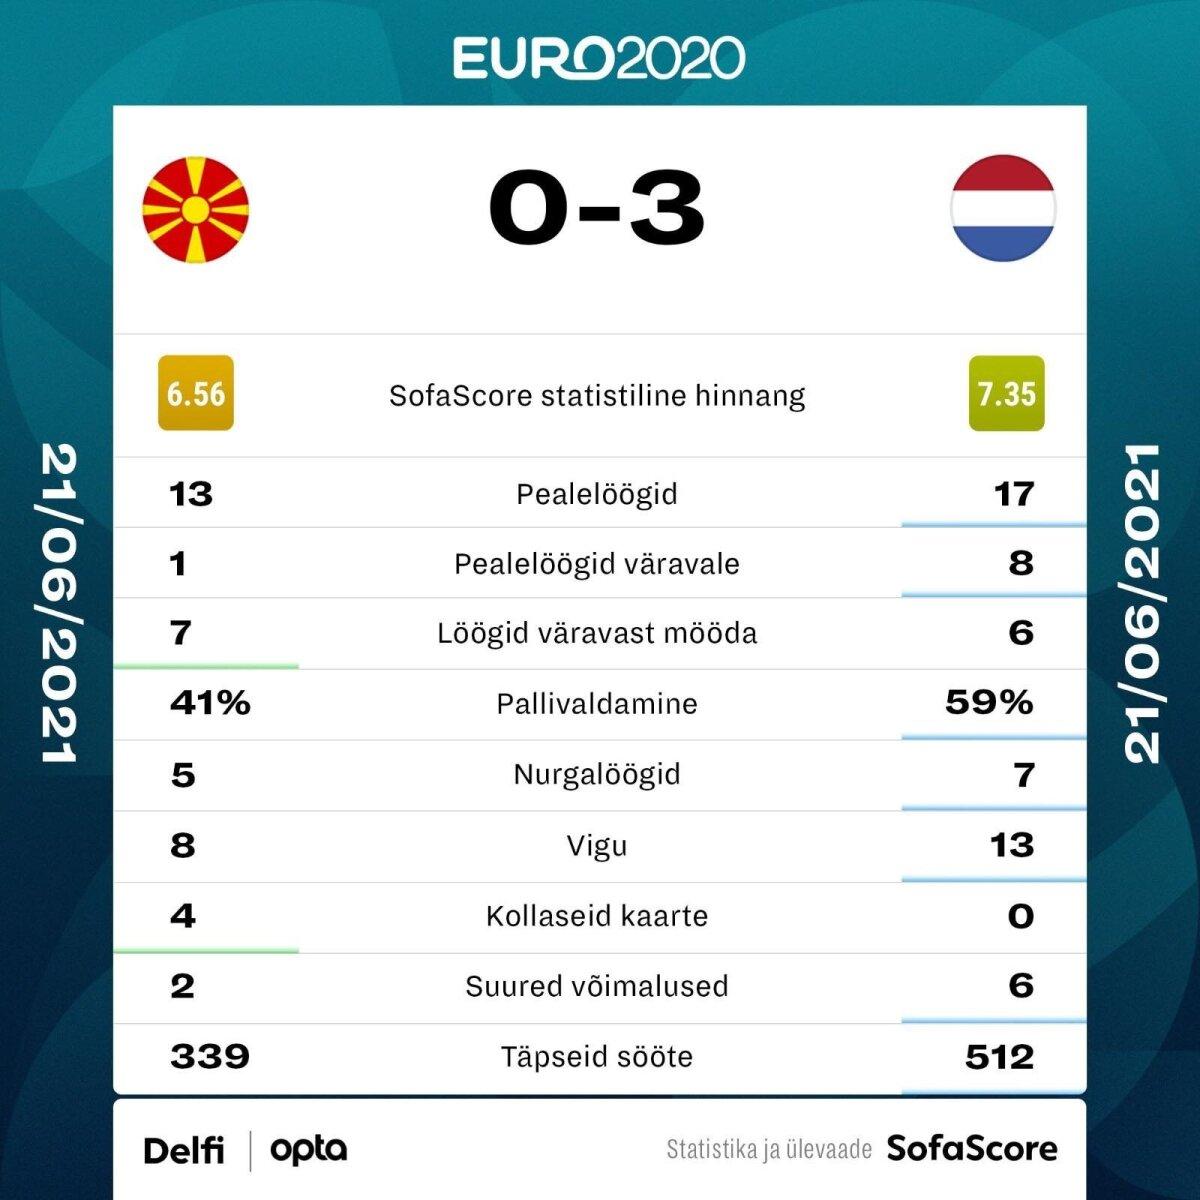 Põhja-Makedoonia - Holland.